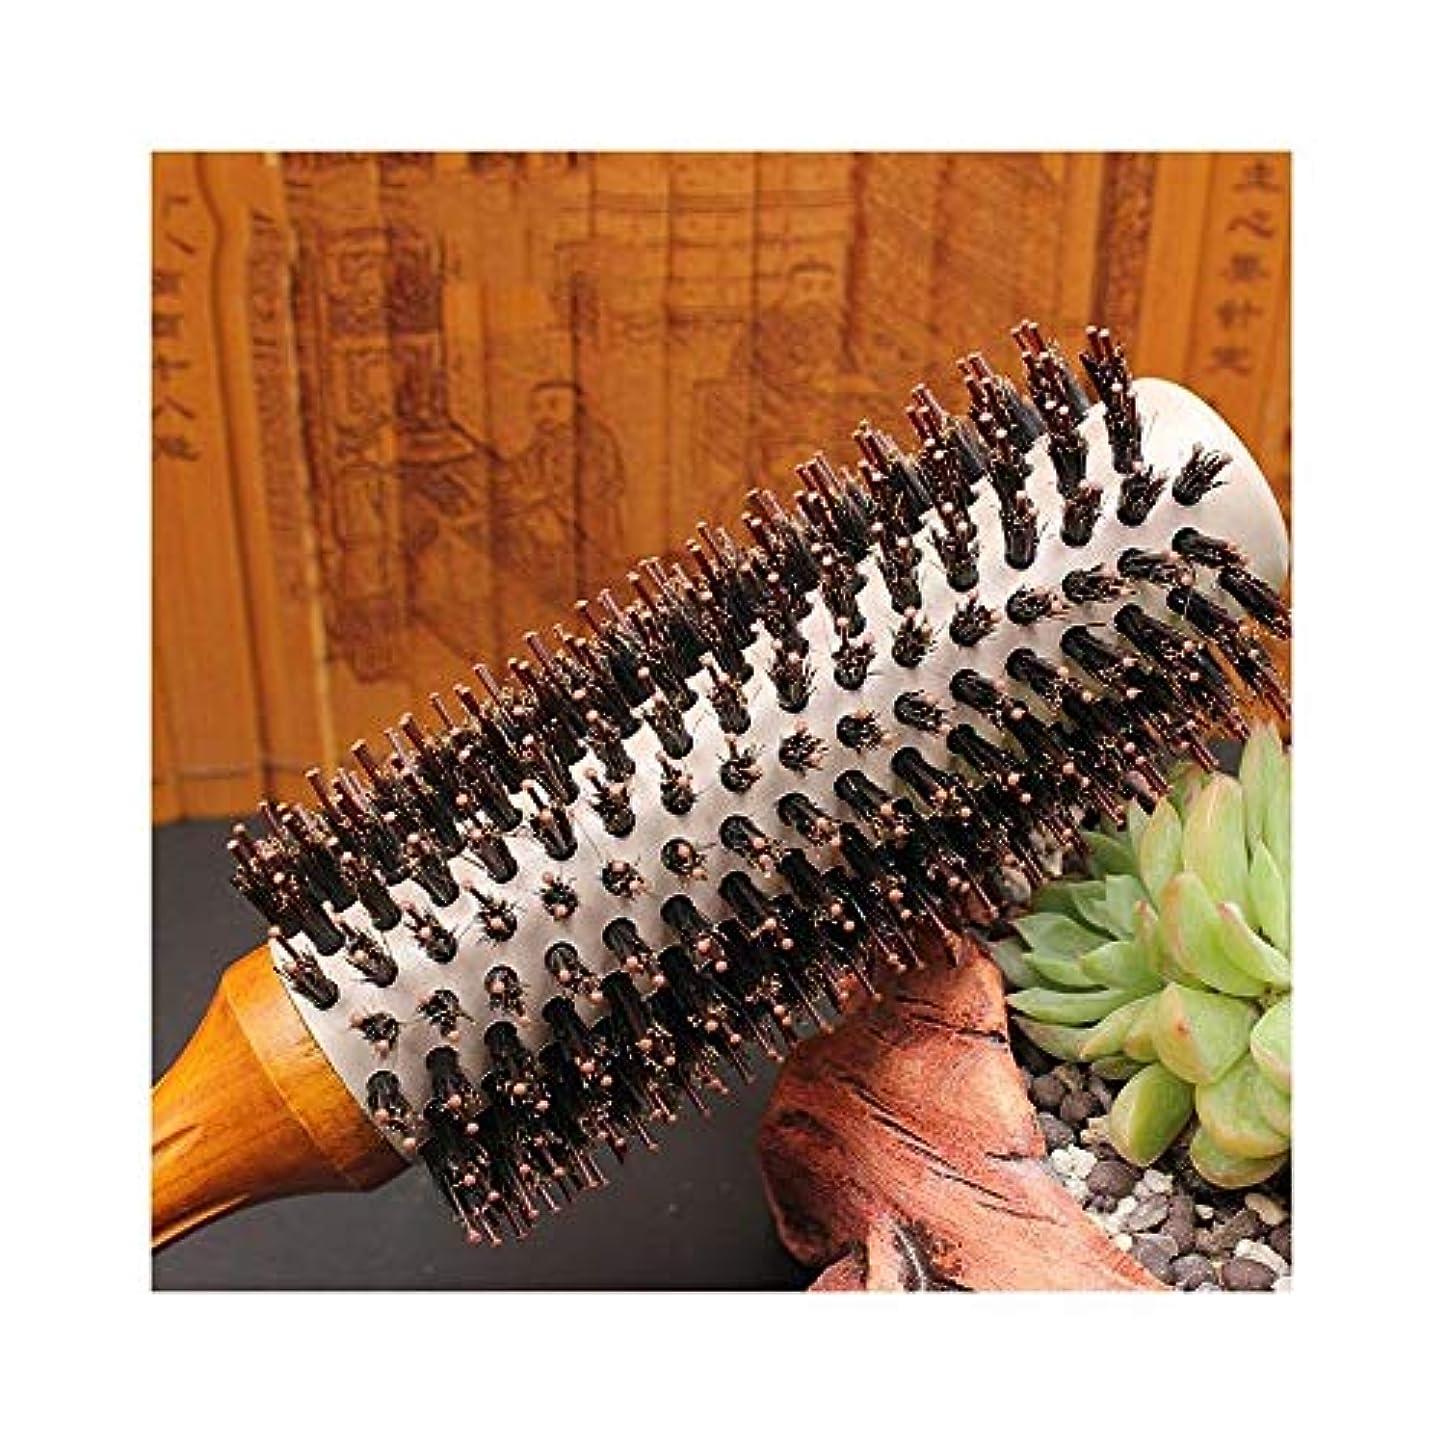 すずめ安西ギターヘアコーム理髪くし すべてのヘアスタイルのためにイノシシ毛&ナイロンピン - プロフェッショナルイノシシ毛ラウンド櫛ドライヘアブラシブロー ヘアスタイリングコーム (Size : XL)